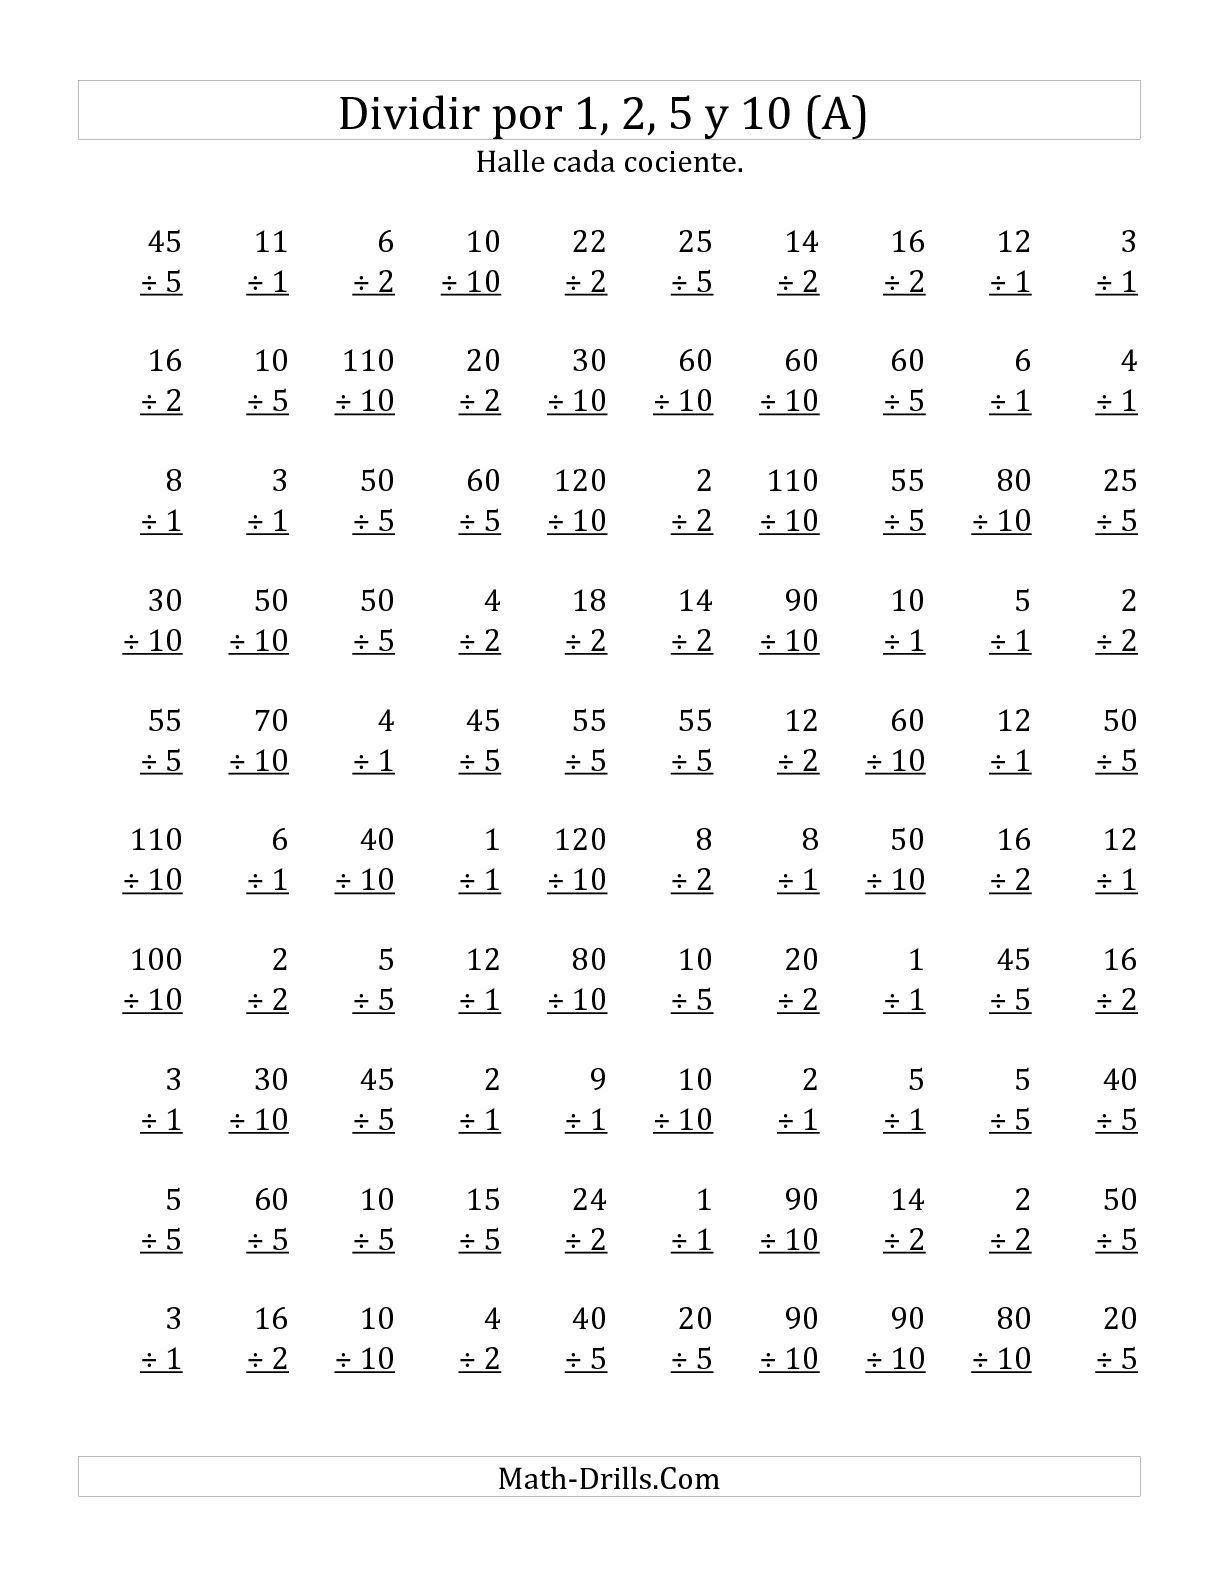 La Hoja De Ejercicios De Matematicas De Divisiones Basicas